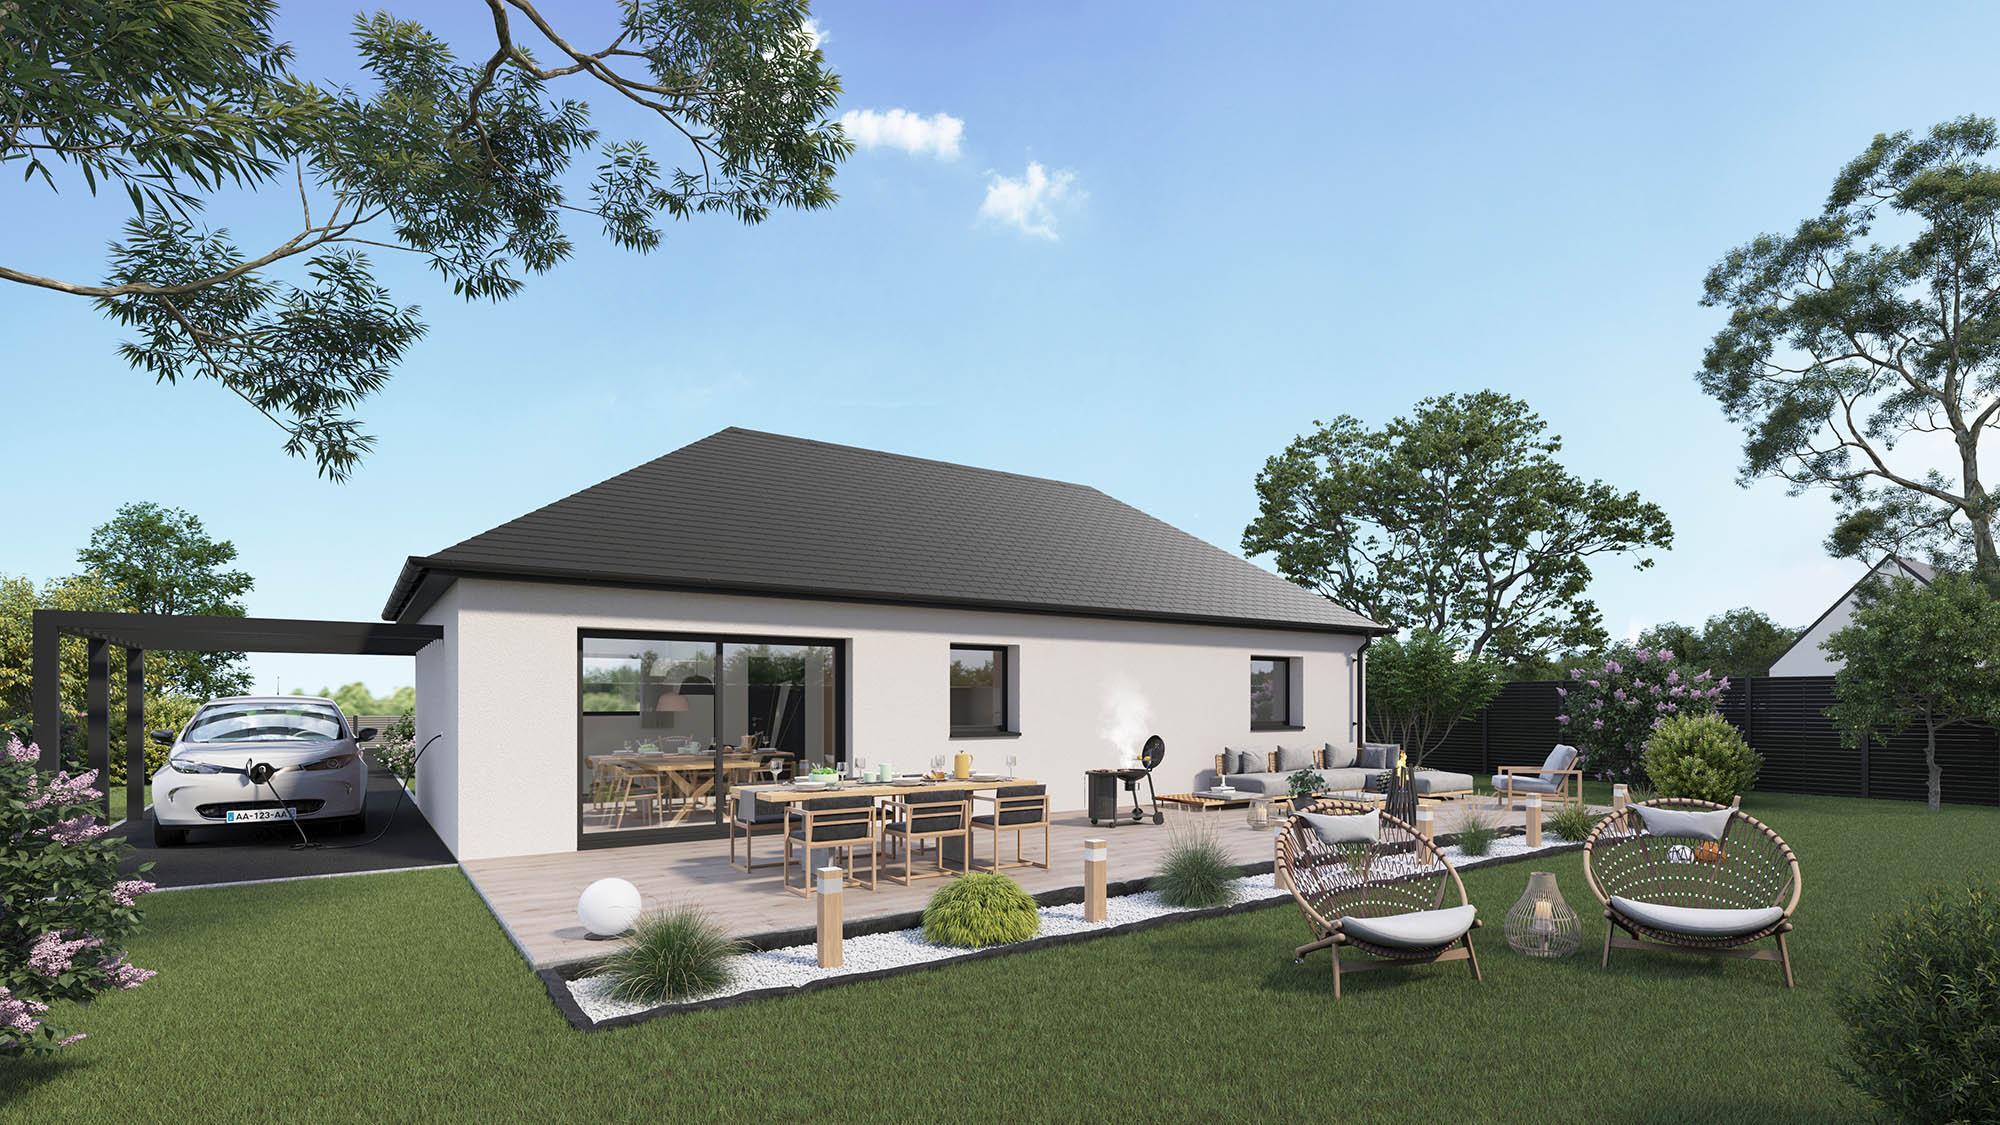 Maisons + Terrains du constructeur MAISON CASTOR • 100 m² • AUTHEUIL AUTHOUILLET